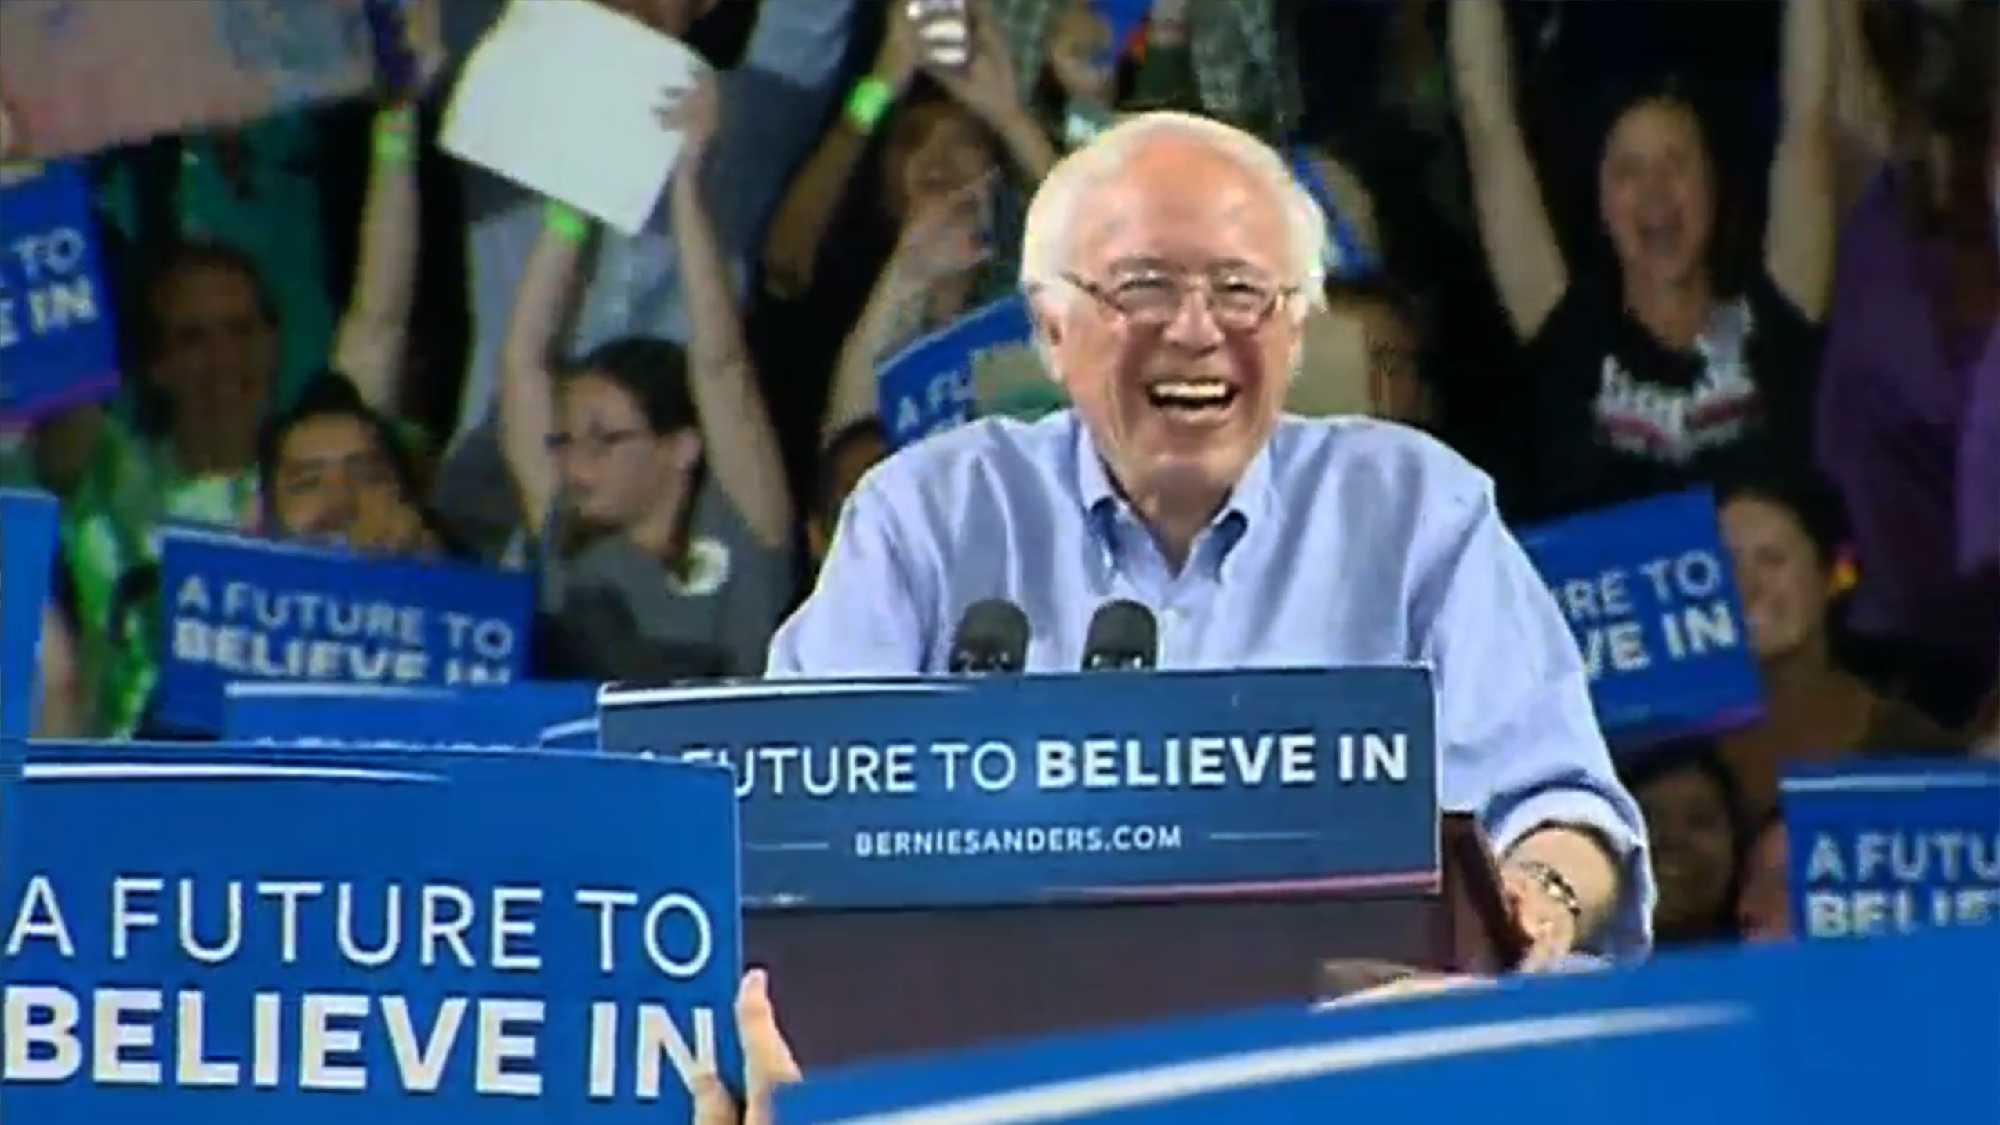 Bernie Sanders in Santa Cruz